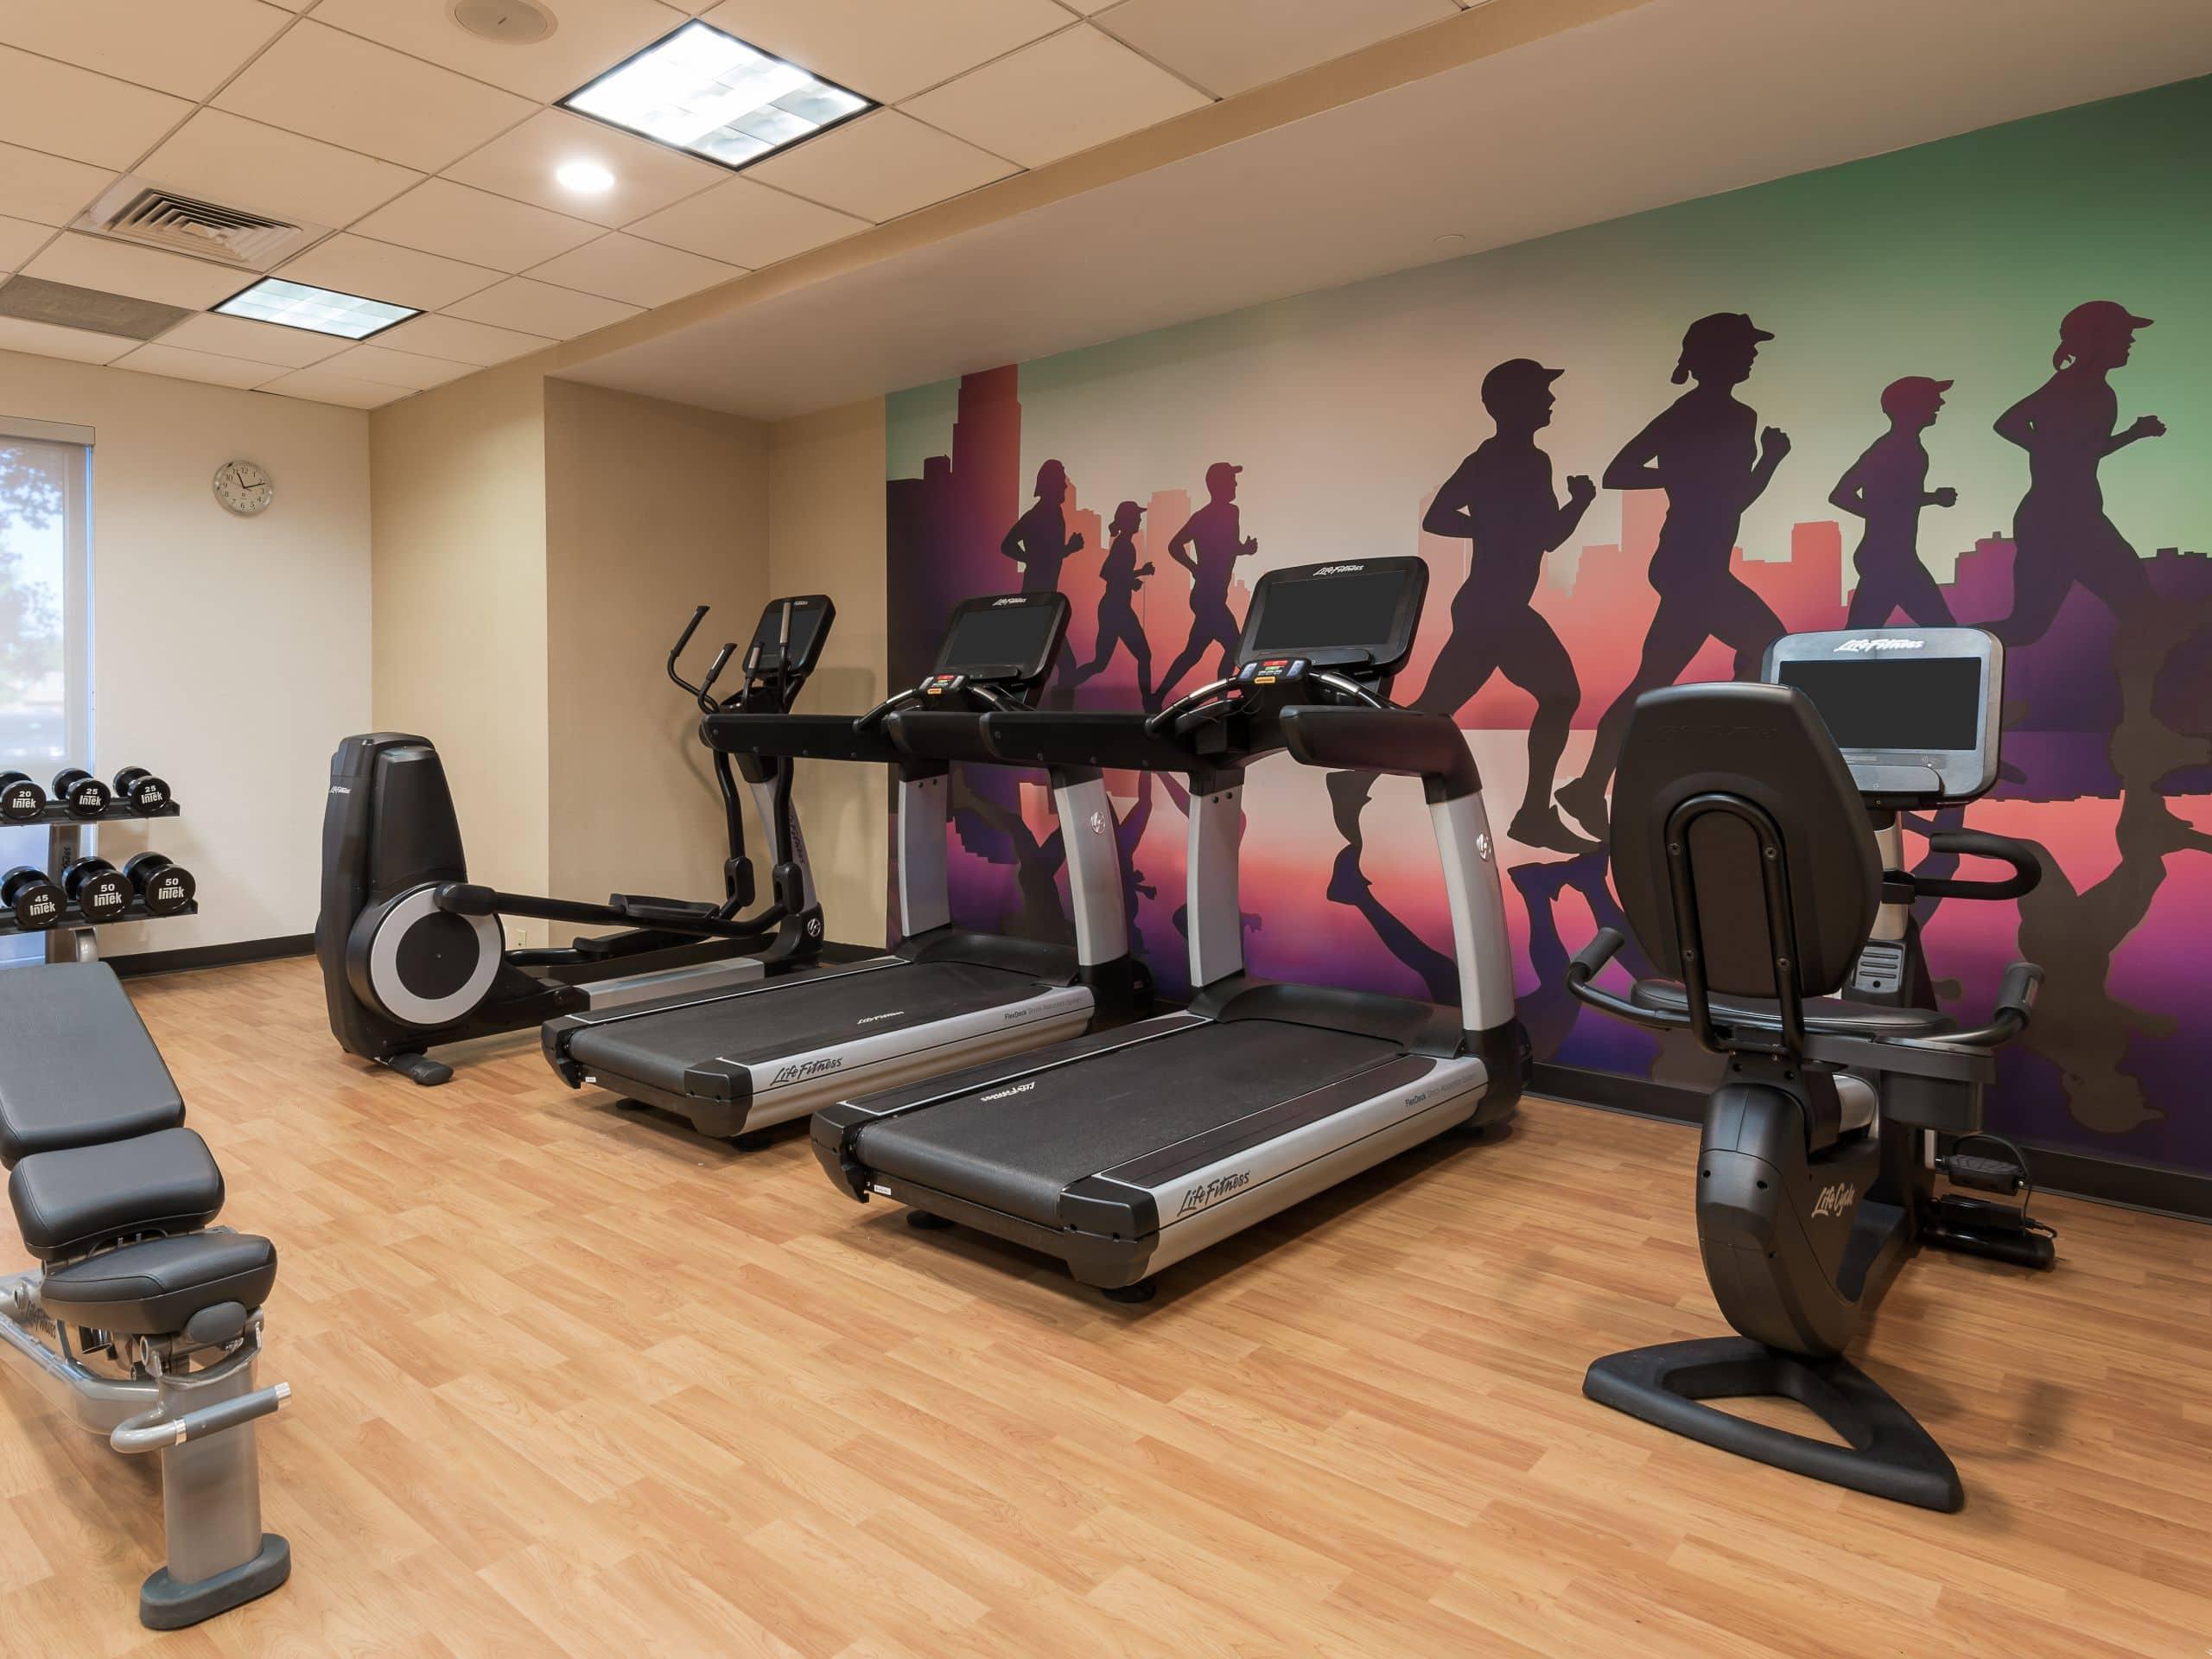 Crossfit Gyms Near Medford Ma - Blog Eryna